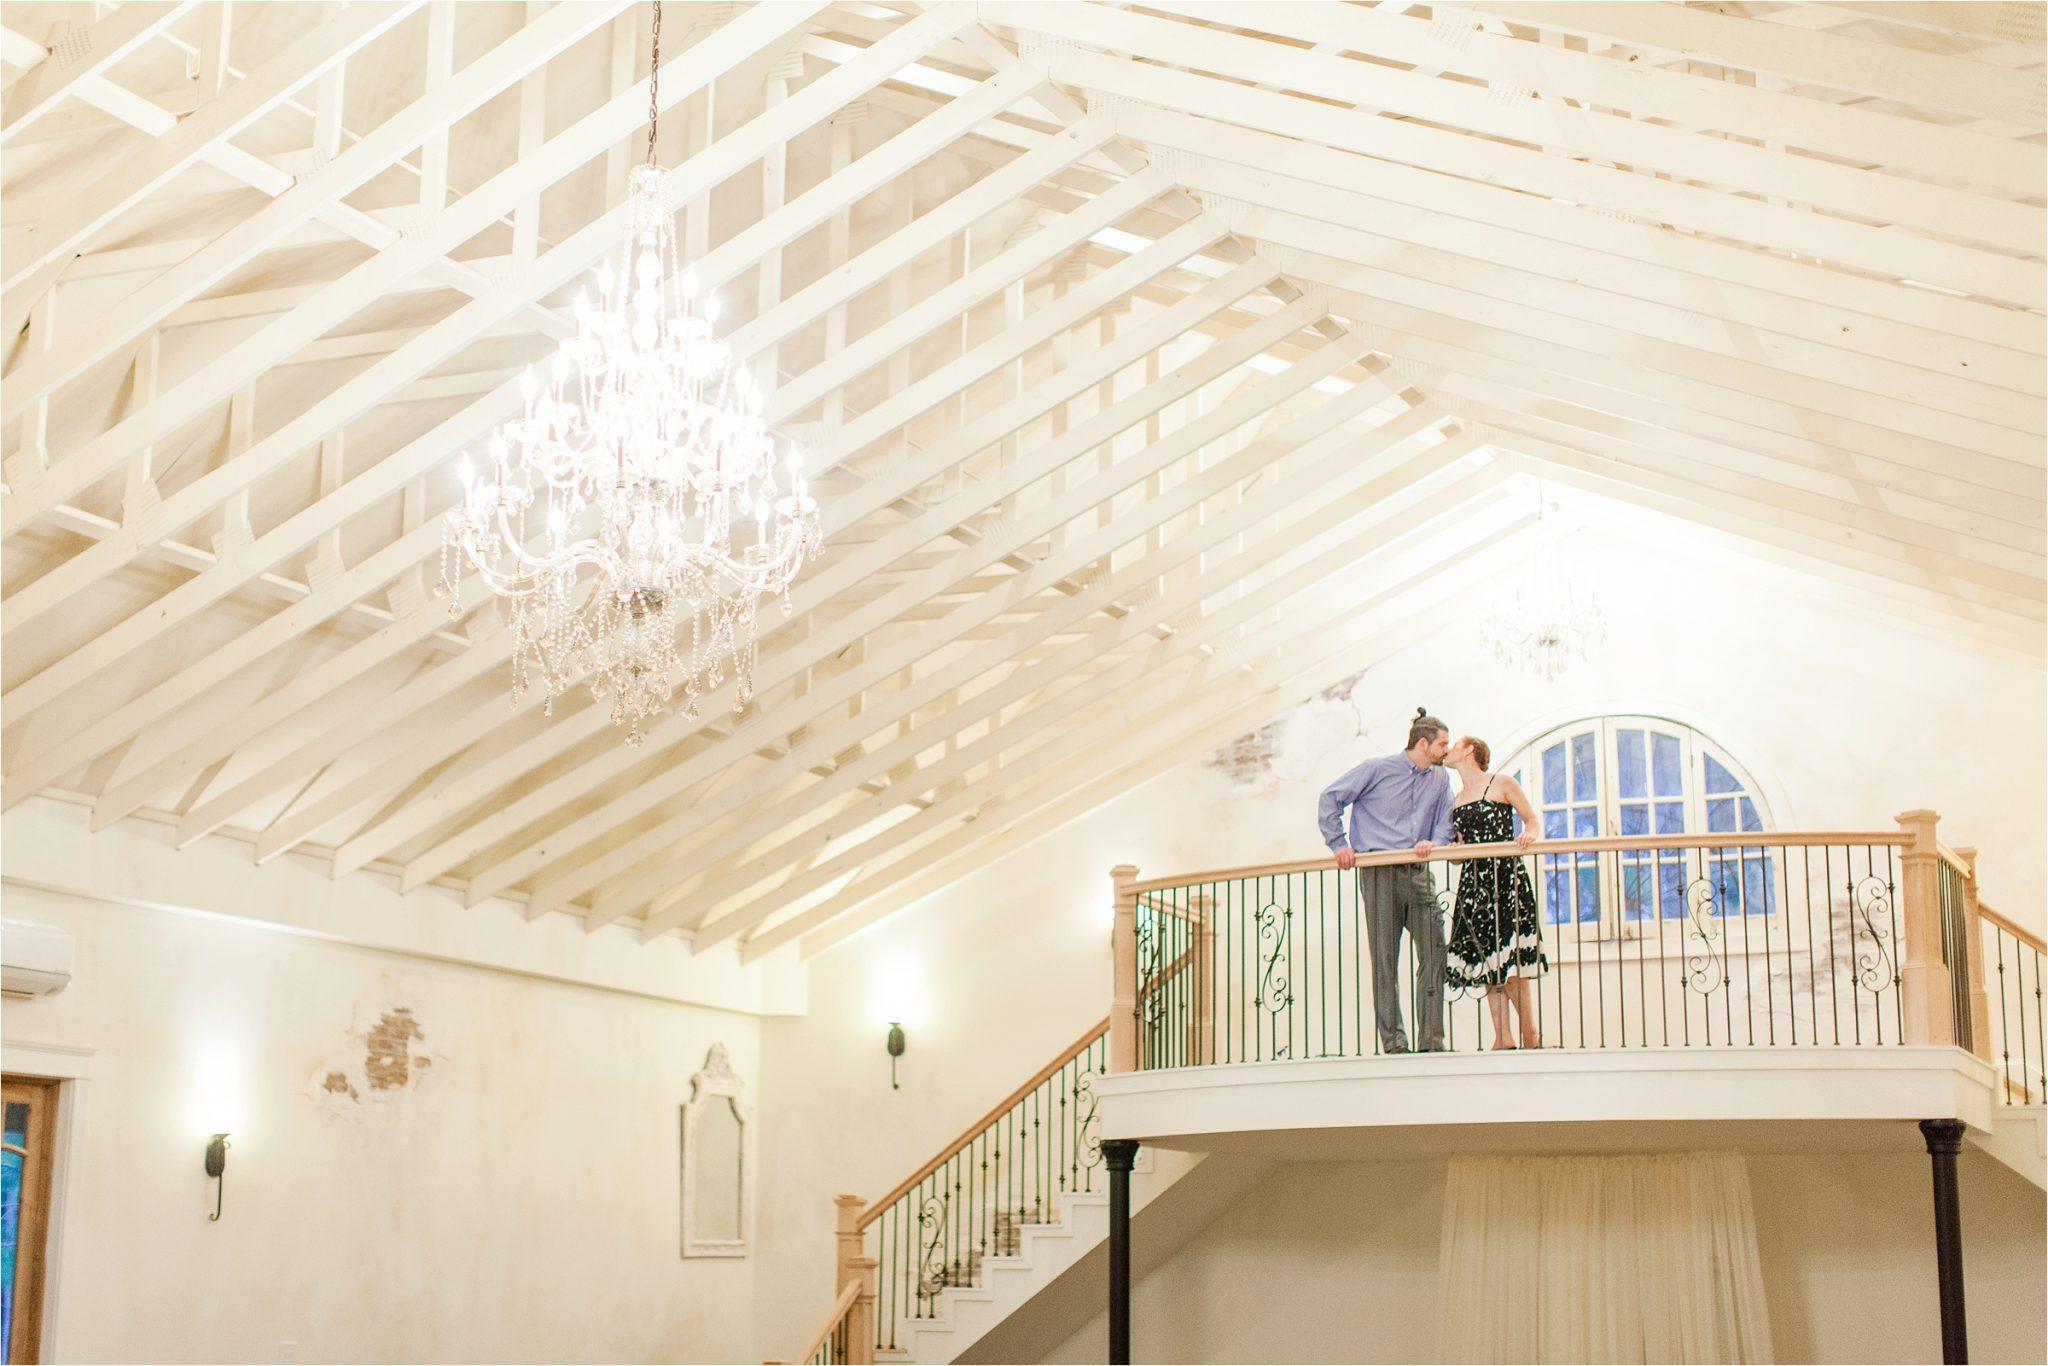 Reception hall at Bella Sera Gardens